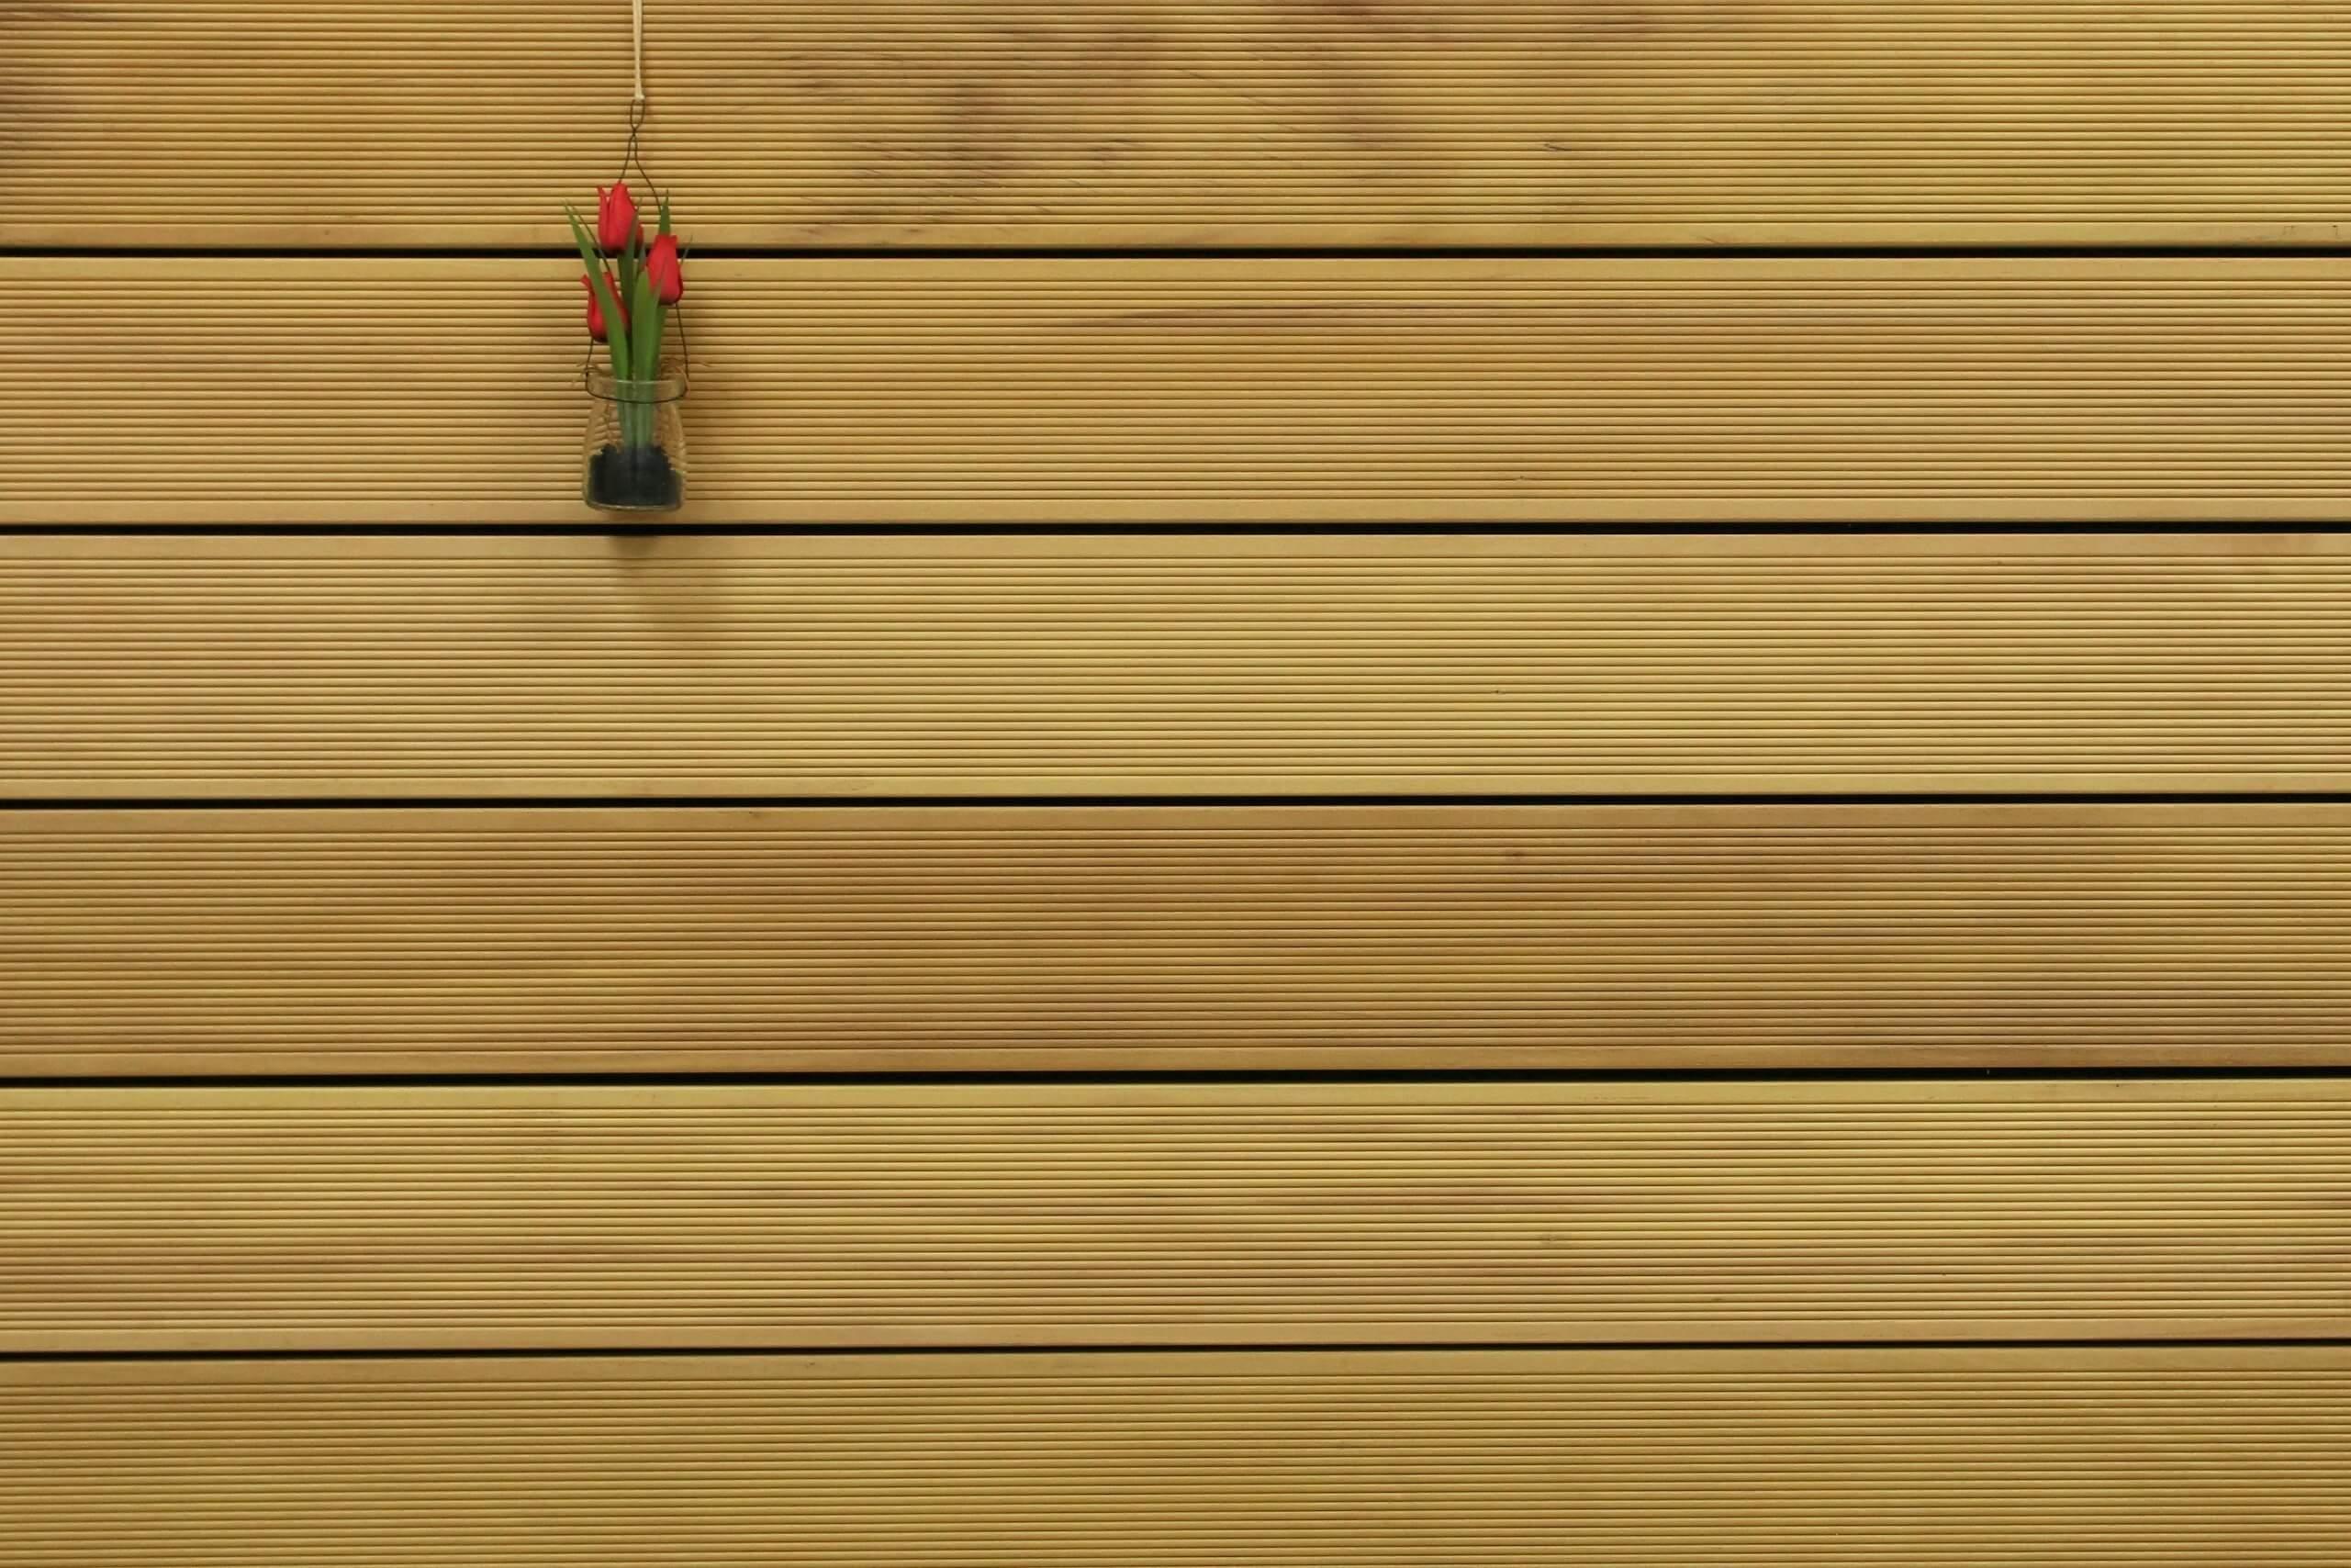 Garapa Holz Dielen für die Terrasse, 16,90 €/lfm, Premium (KD) fein gerillt, 45 x 145 bis 6100 mm, Terrassendielen Bretter